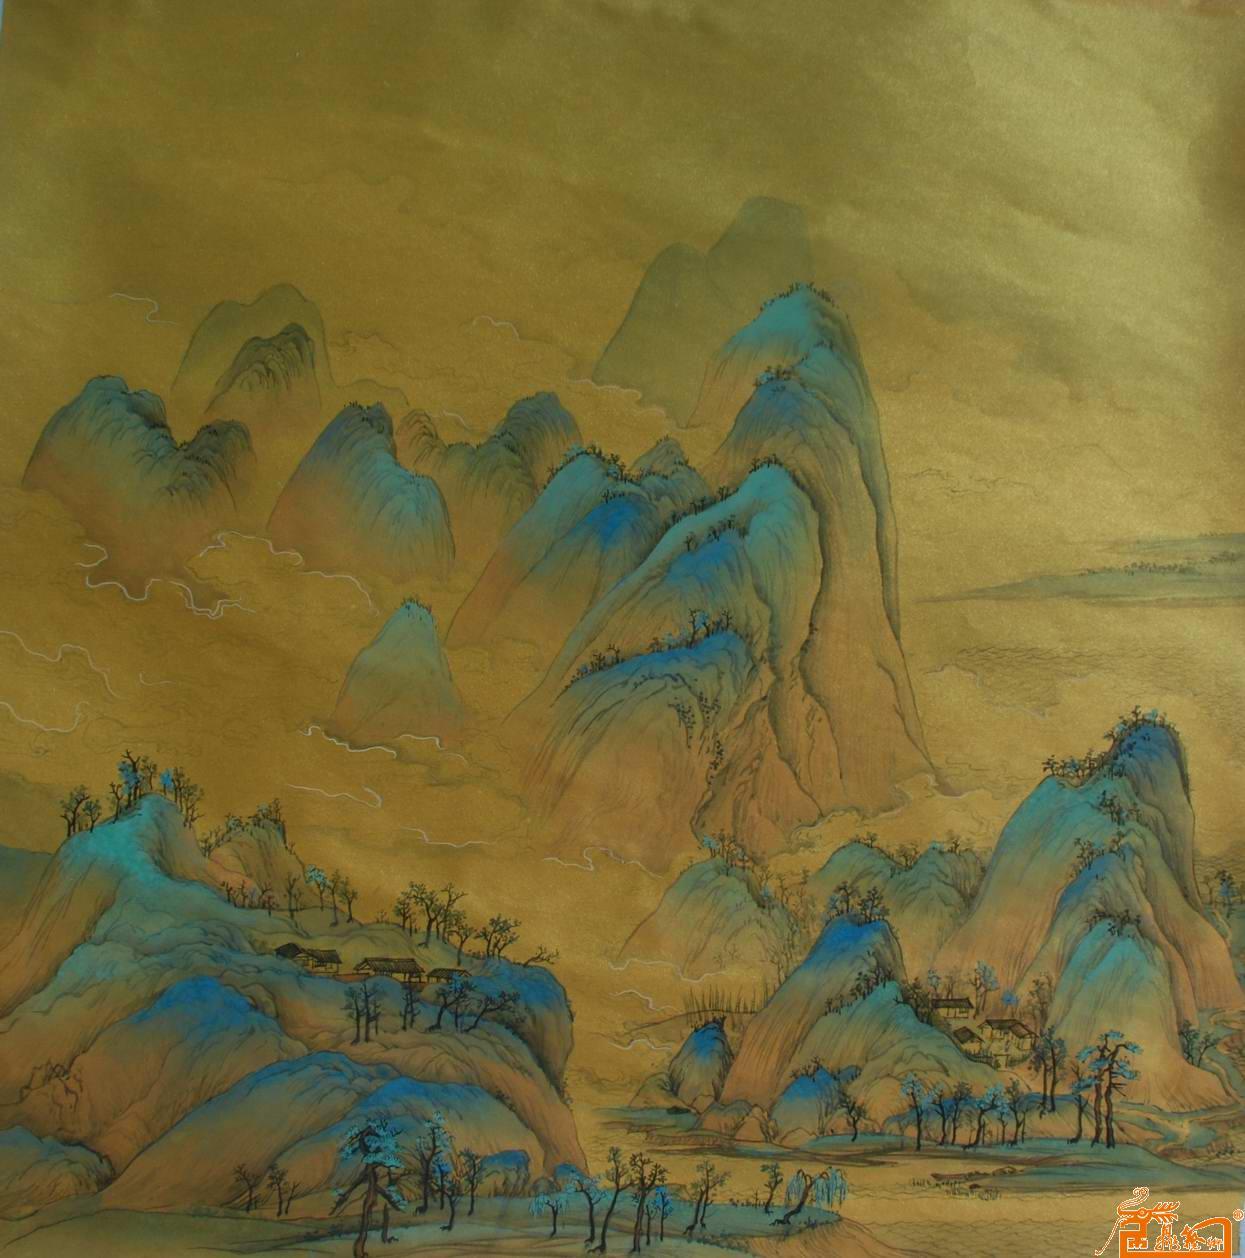 郑现峰-青绿山水-淘宝-名人字画-中国书画交易中心